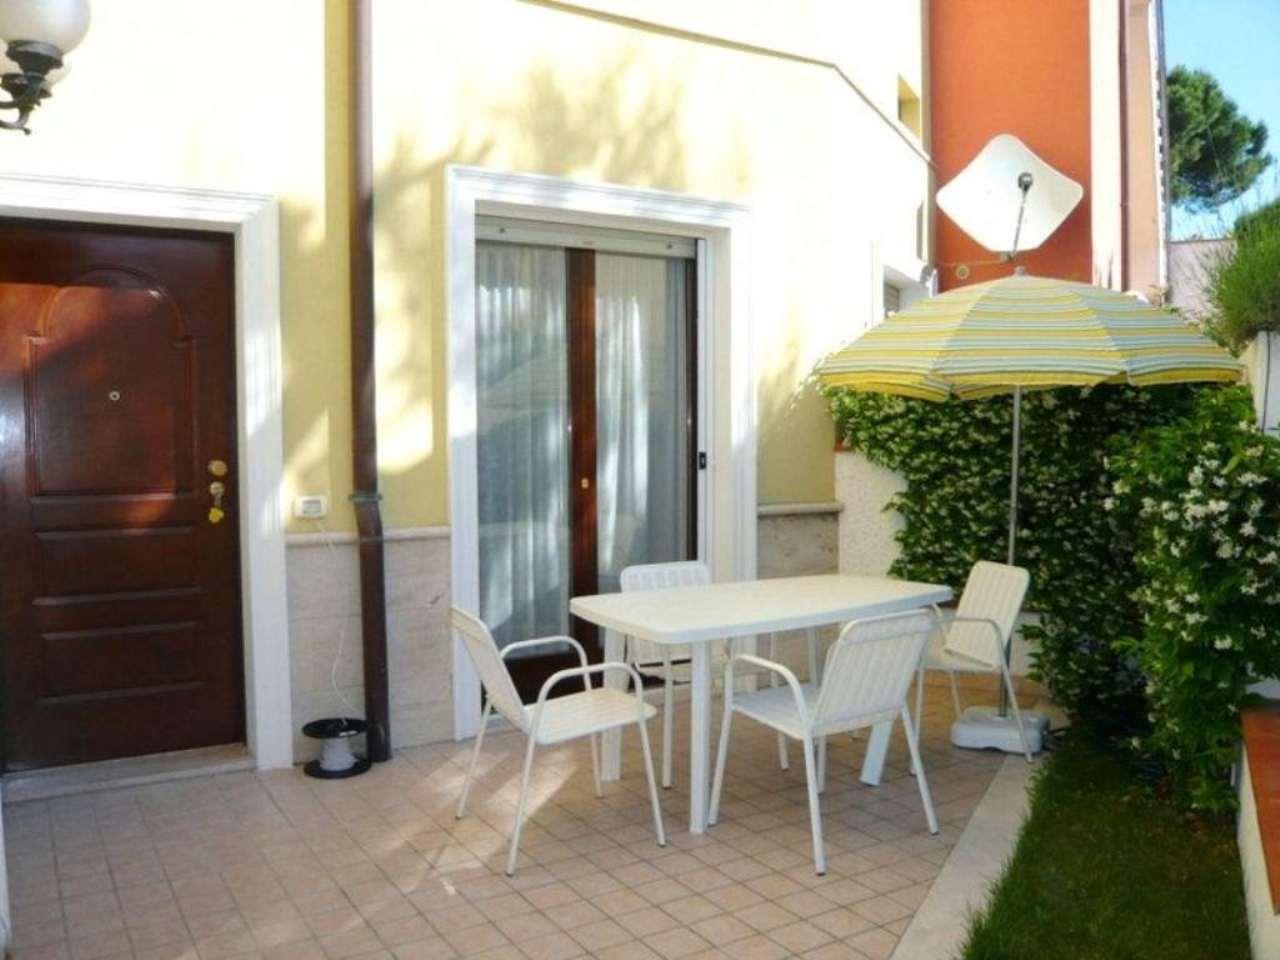 Appartamento in vendita a Numana, 2 locali, prezzo € 130.000 | CambioCasa.it